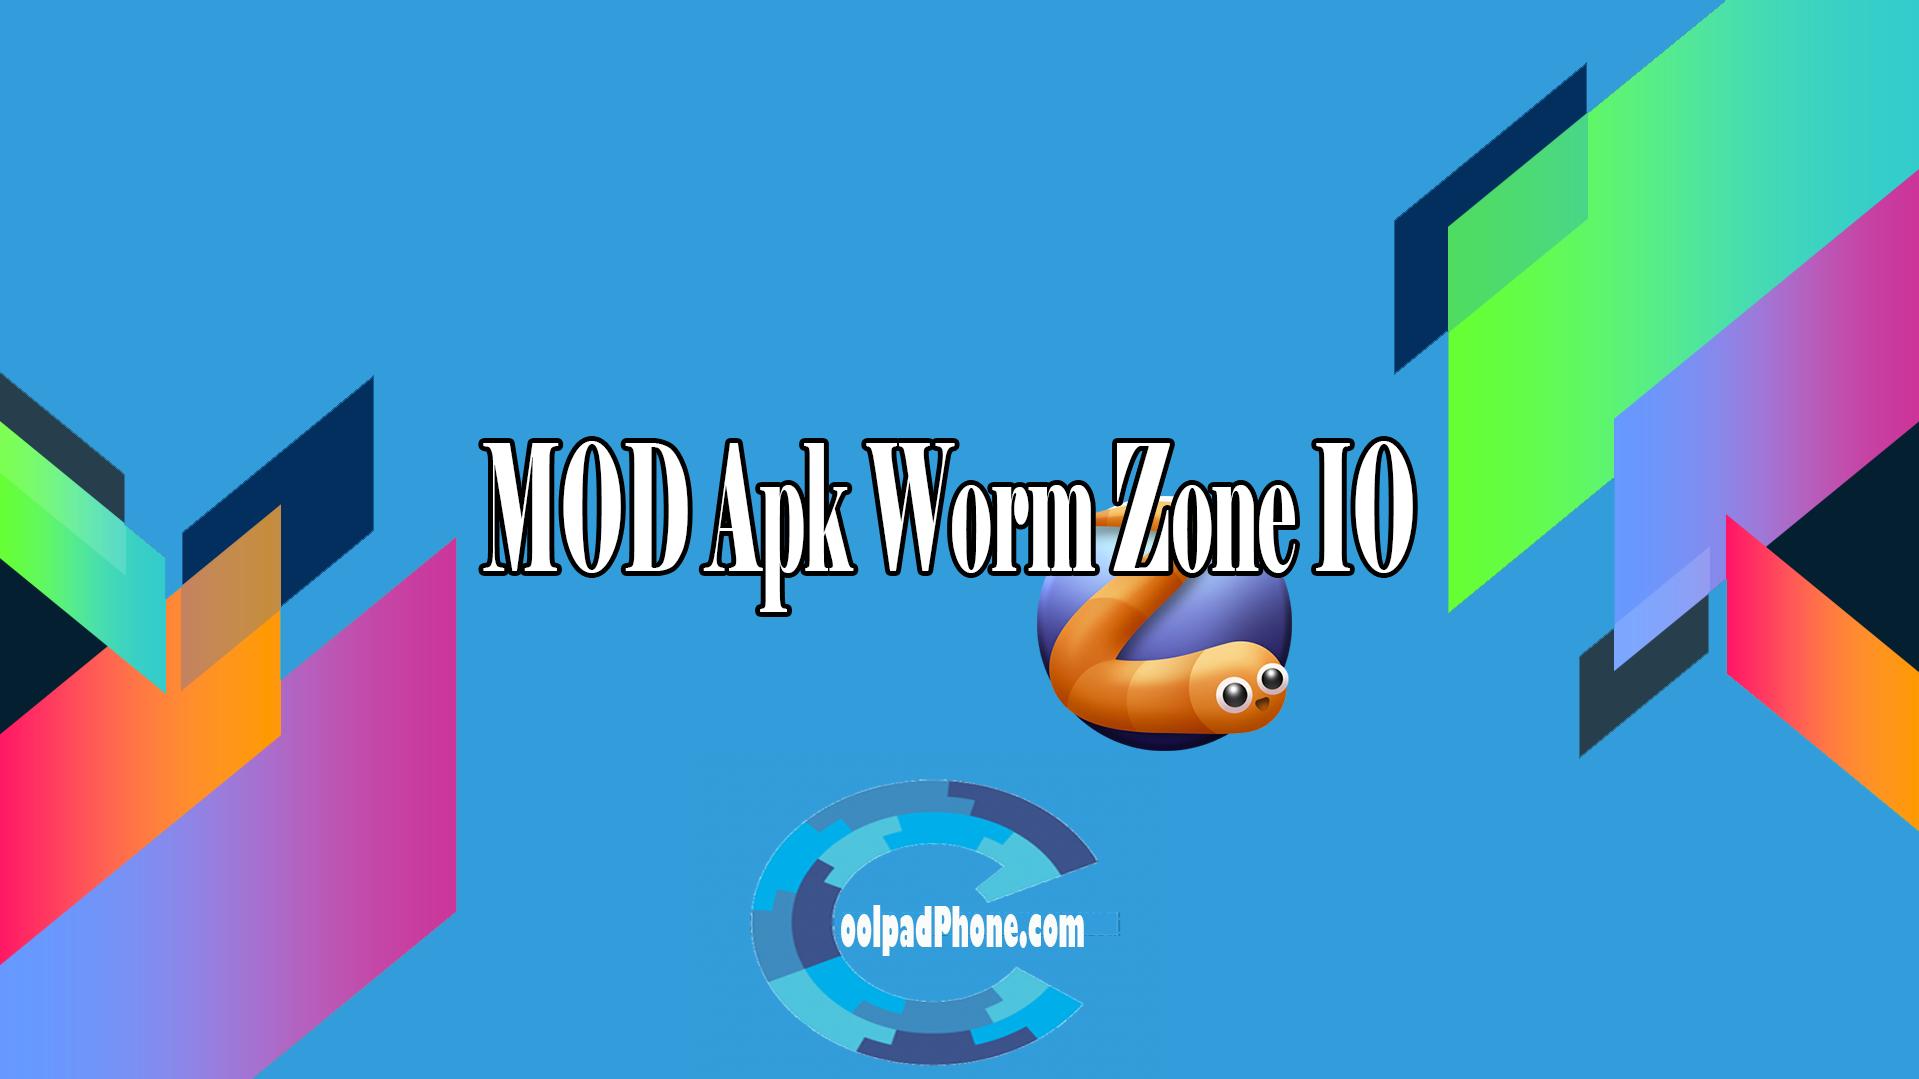 MOD Apk Worm Zone IO